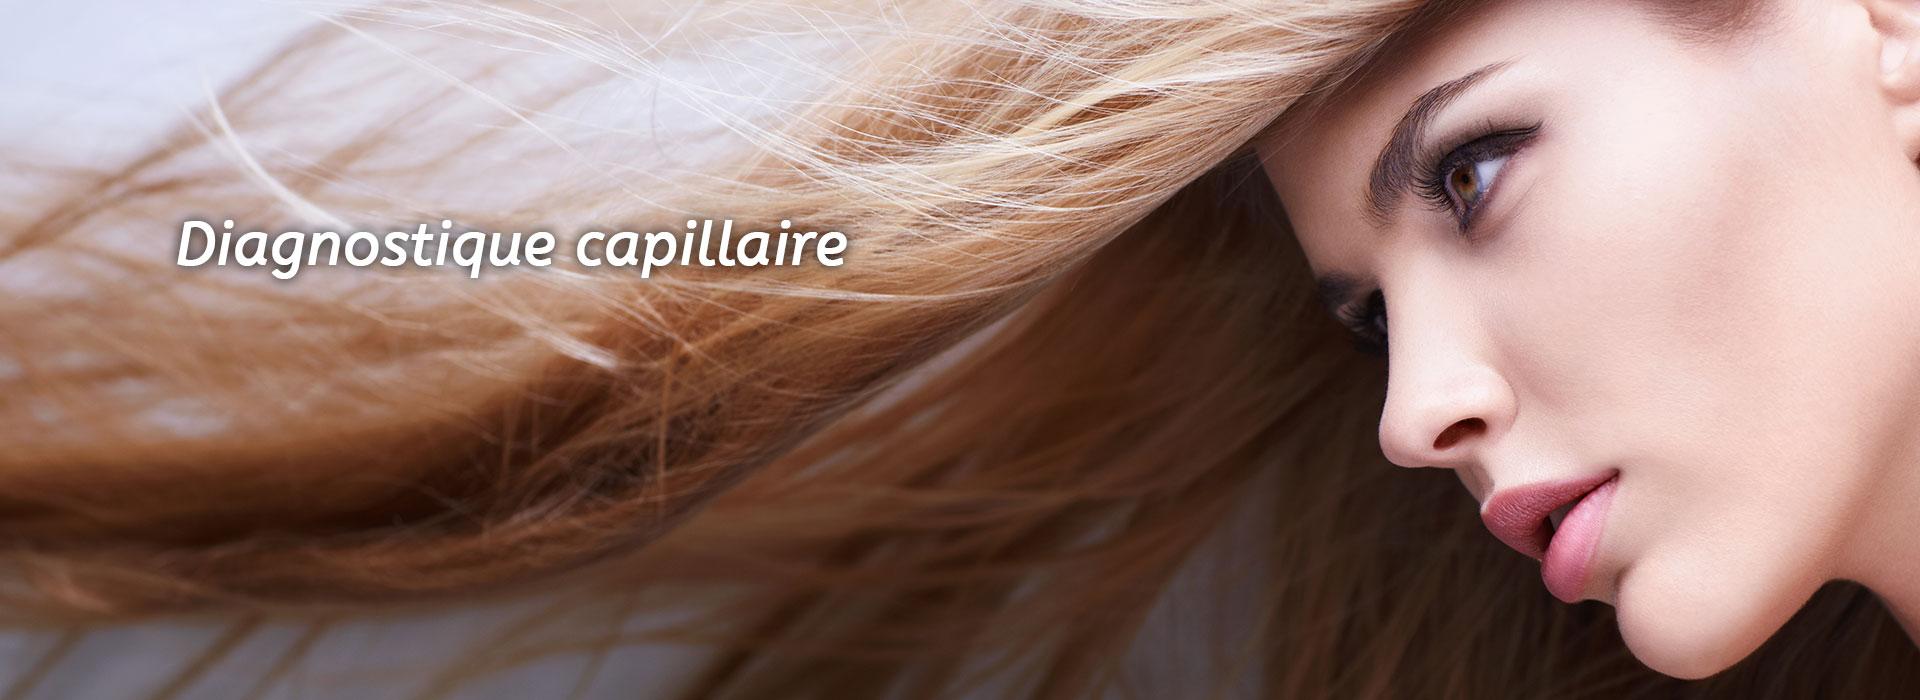 Diagnostique capillaire